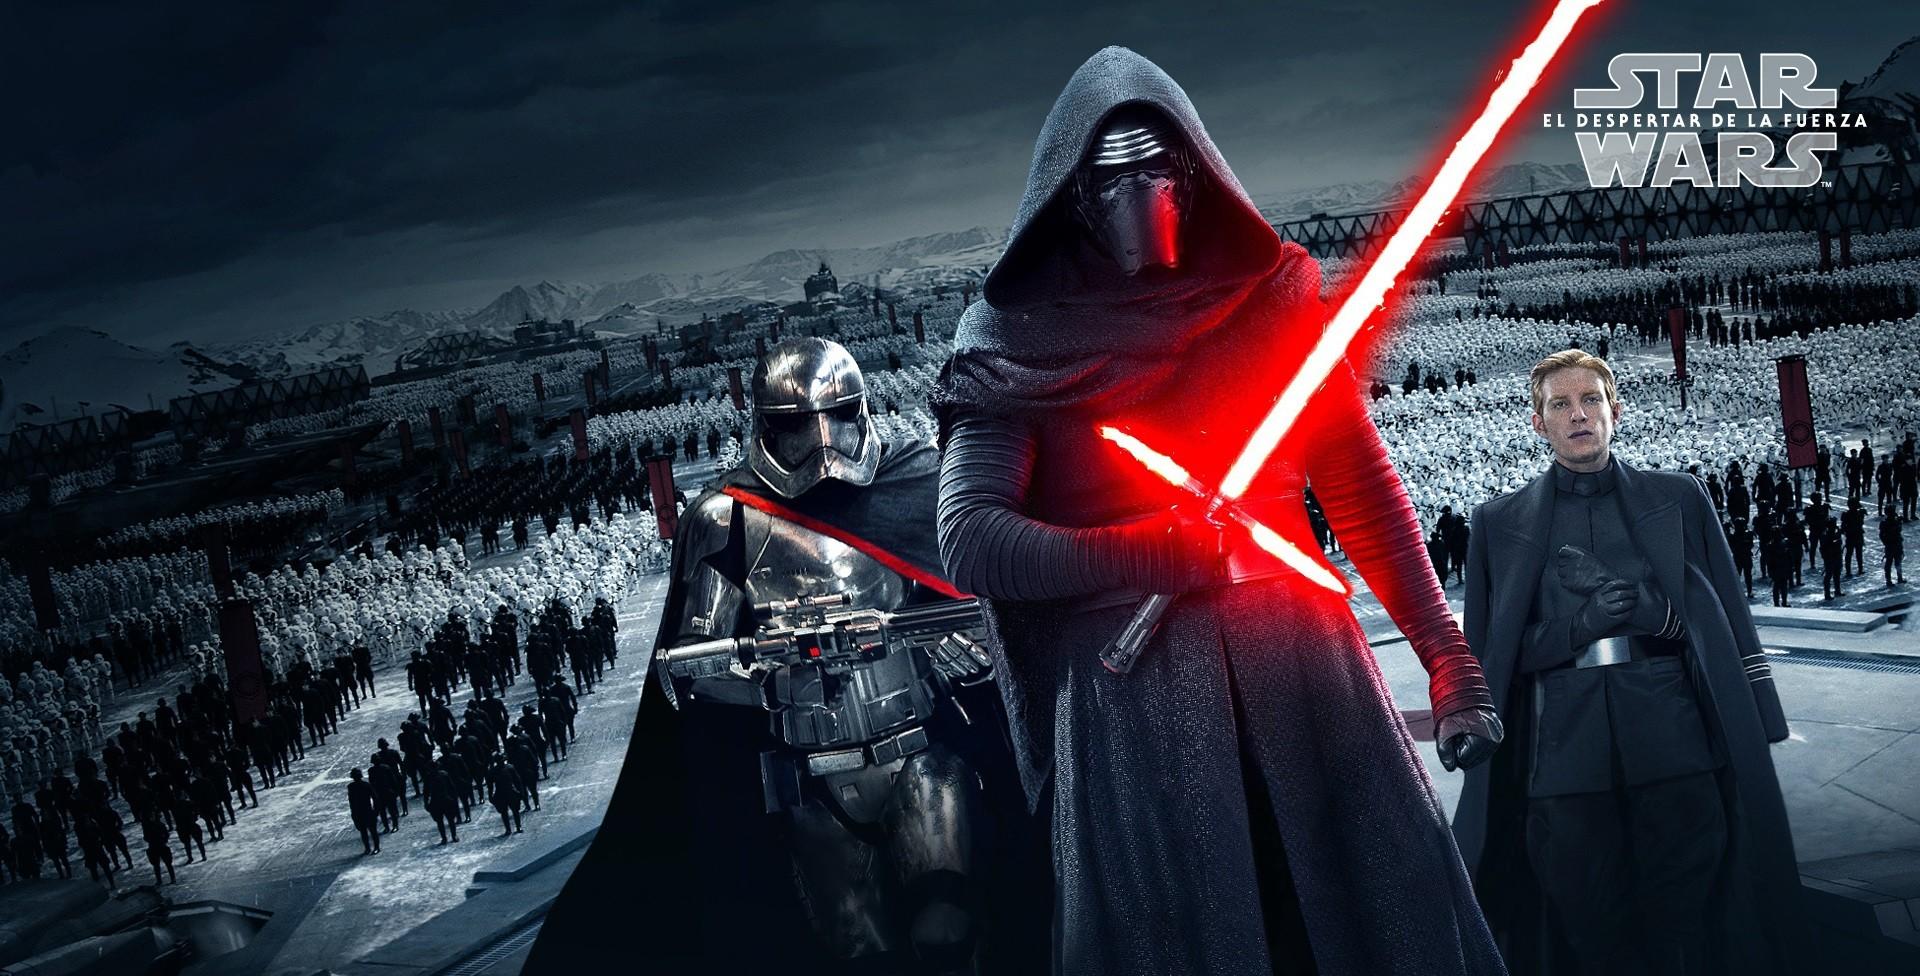 Королева Елизавета запретила снимать «Звёздные войны» вВиндзорском парке